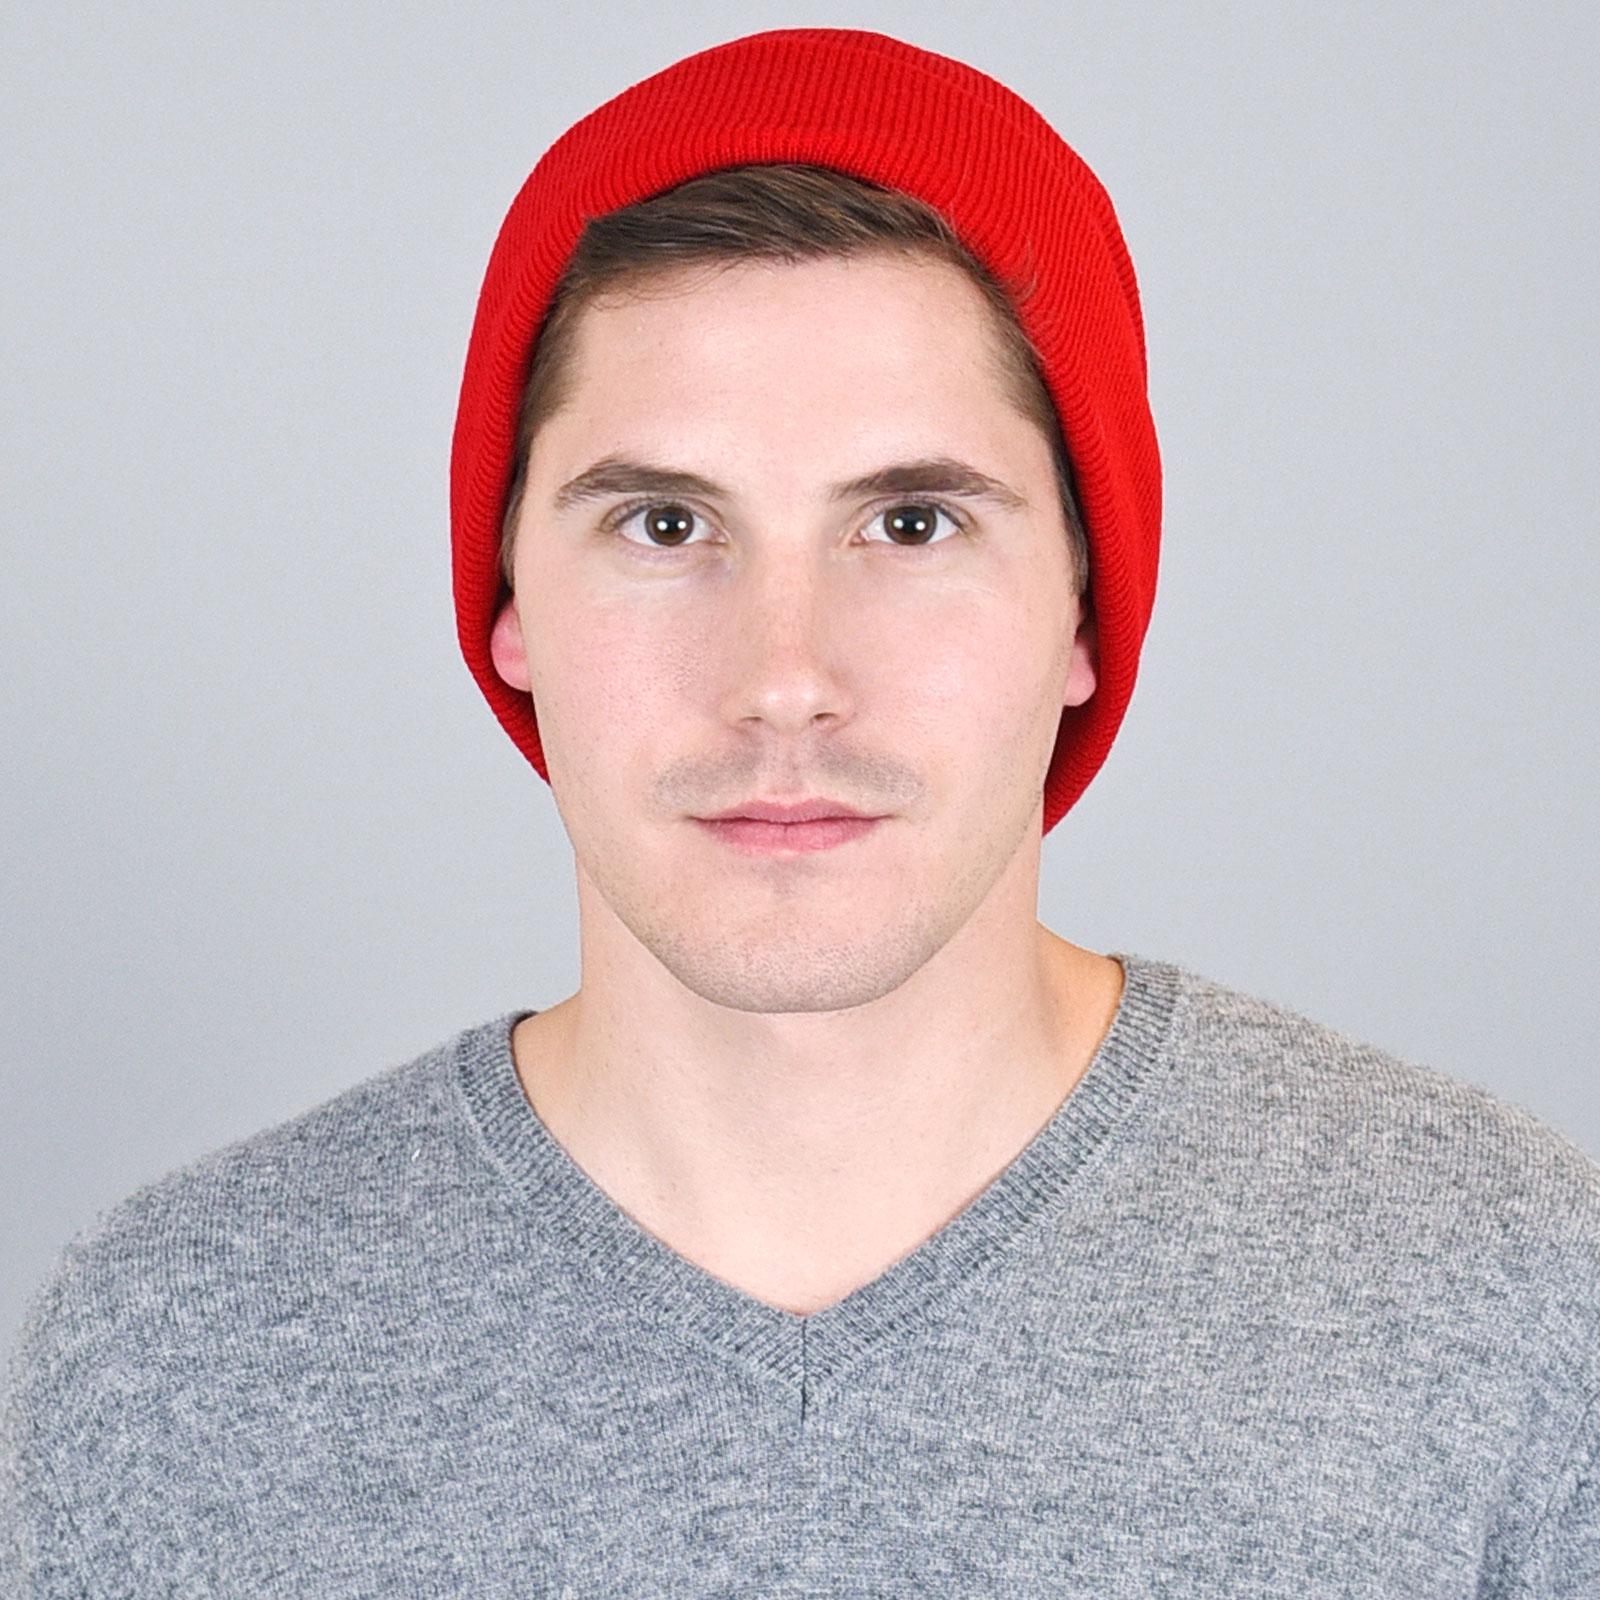 CP-00056-VH16-1-bonnet-court-rouge